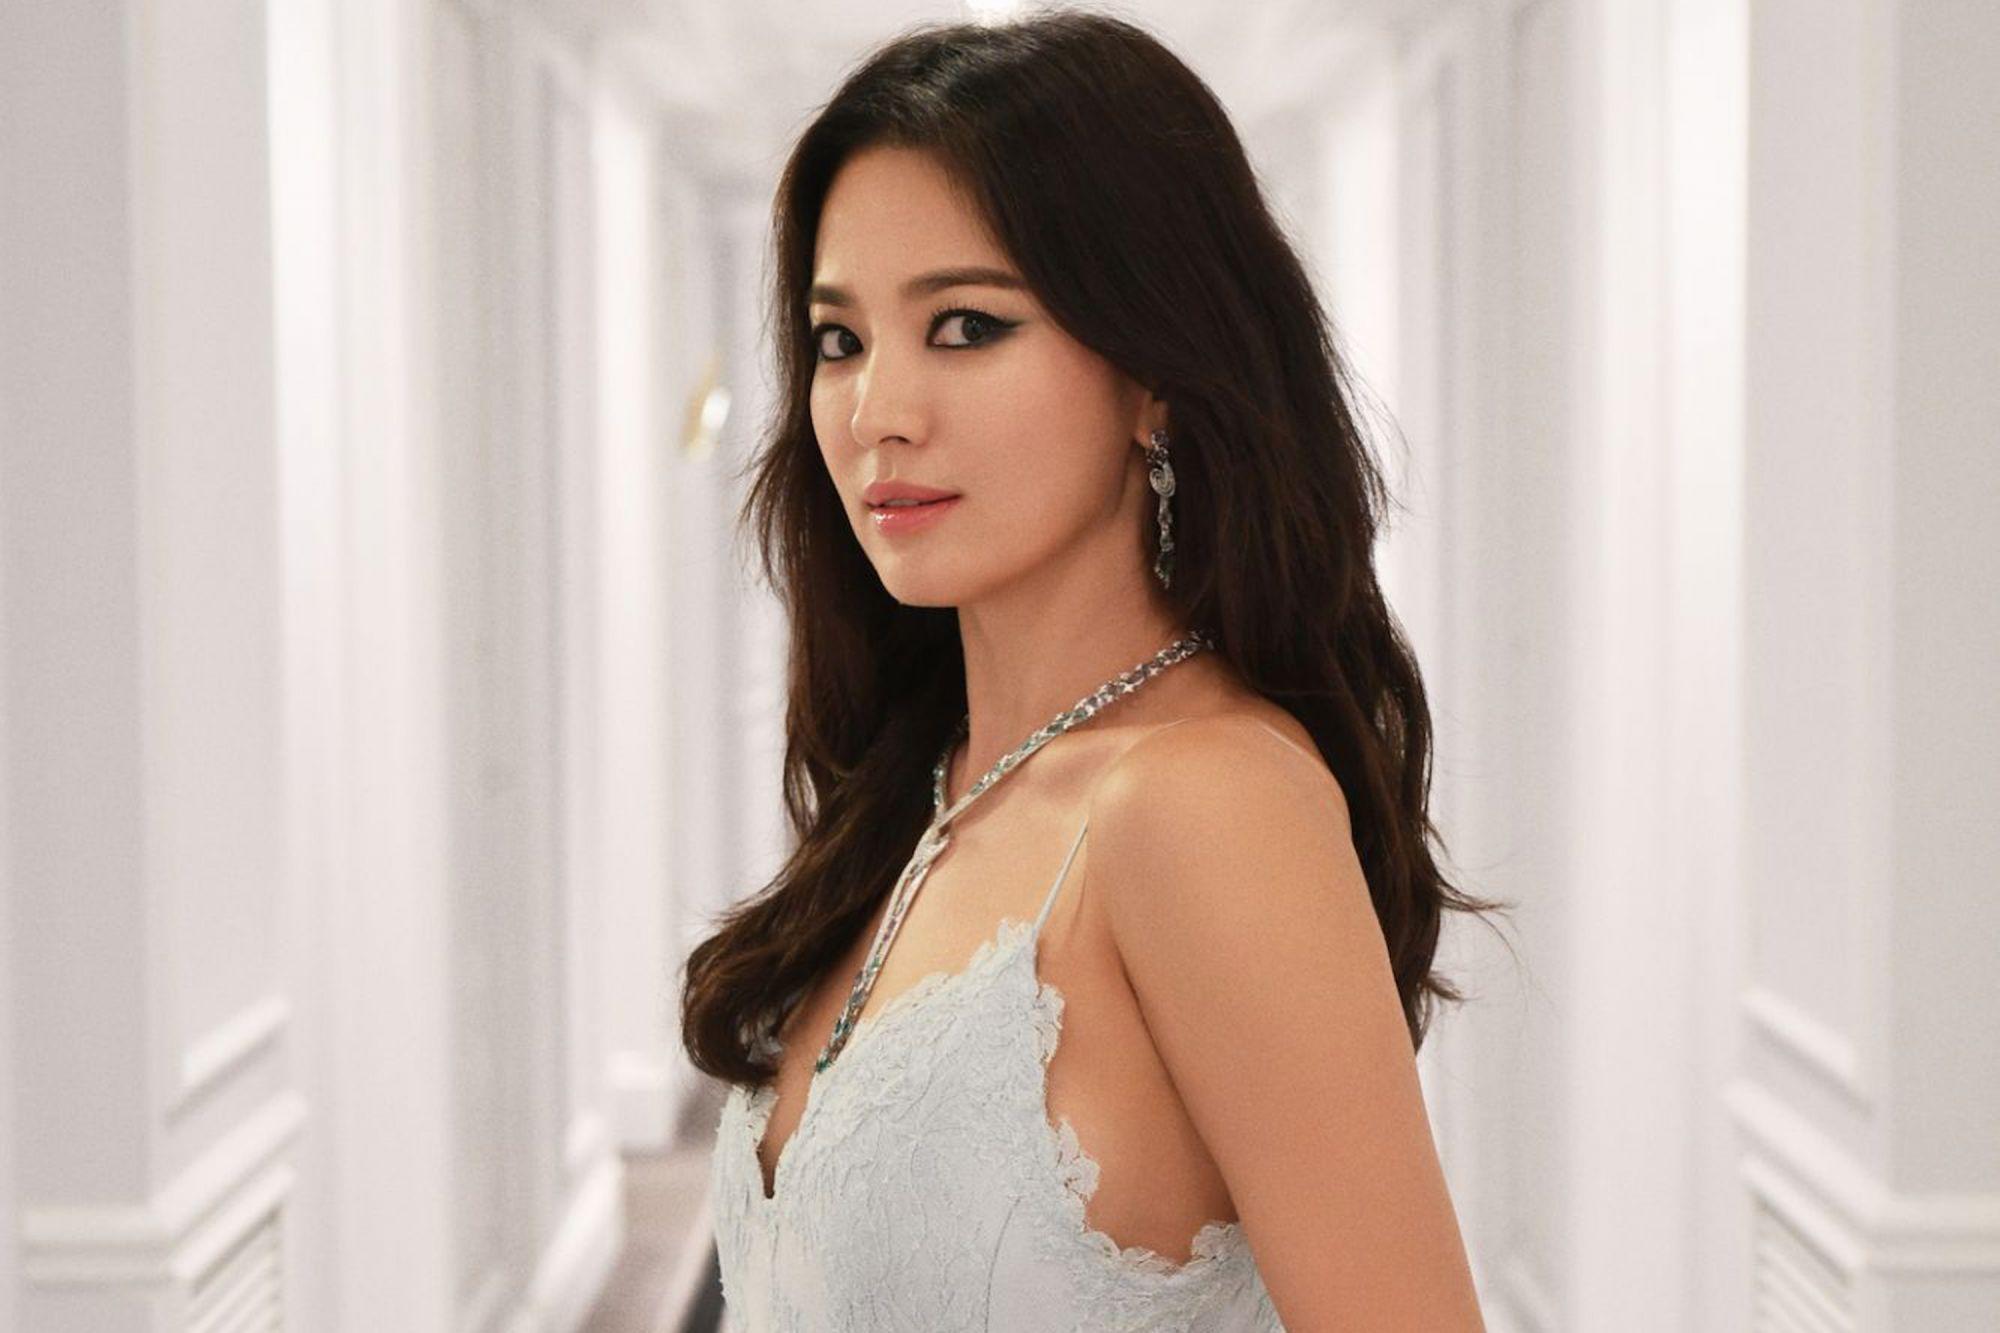 「我需要多留一點時間給自己......」細數韓國女星宋慧喬的過去、現在與未來